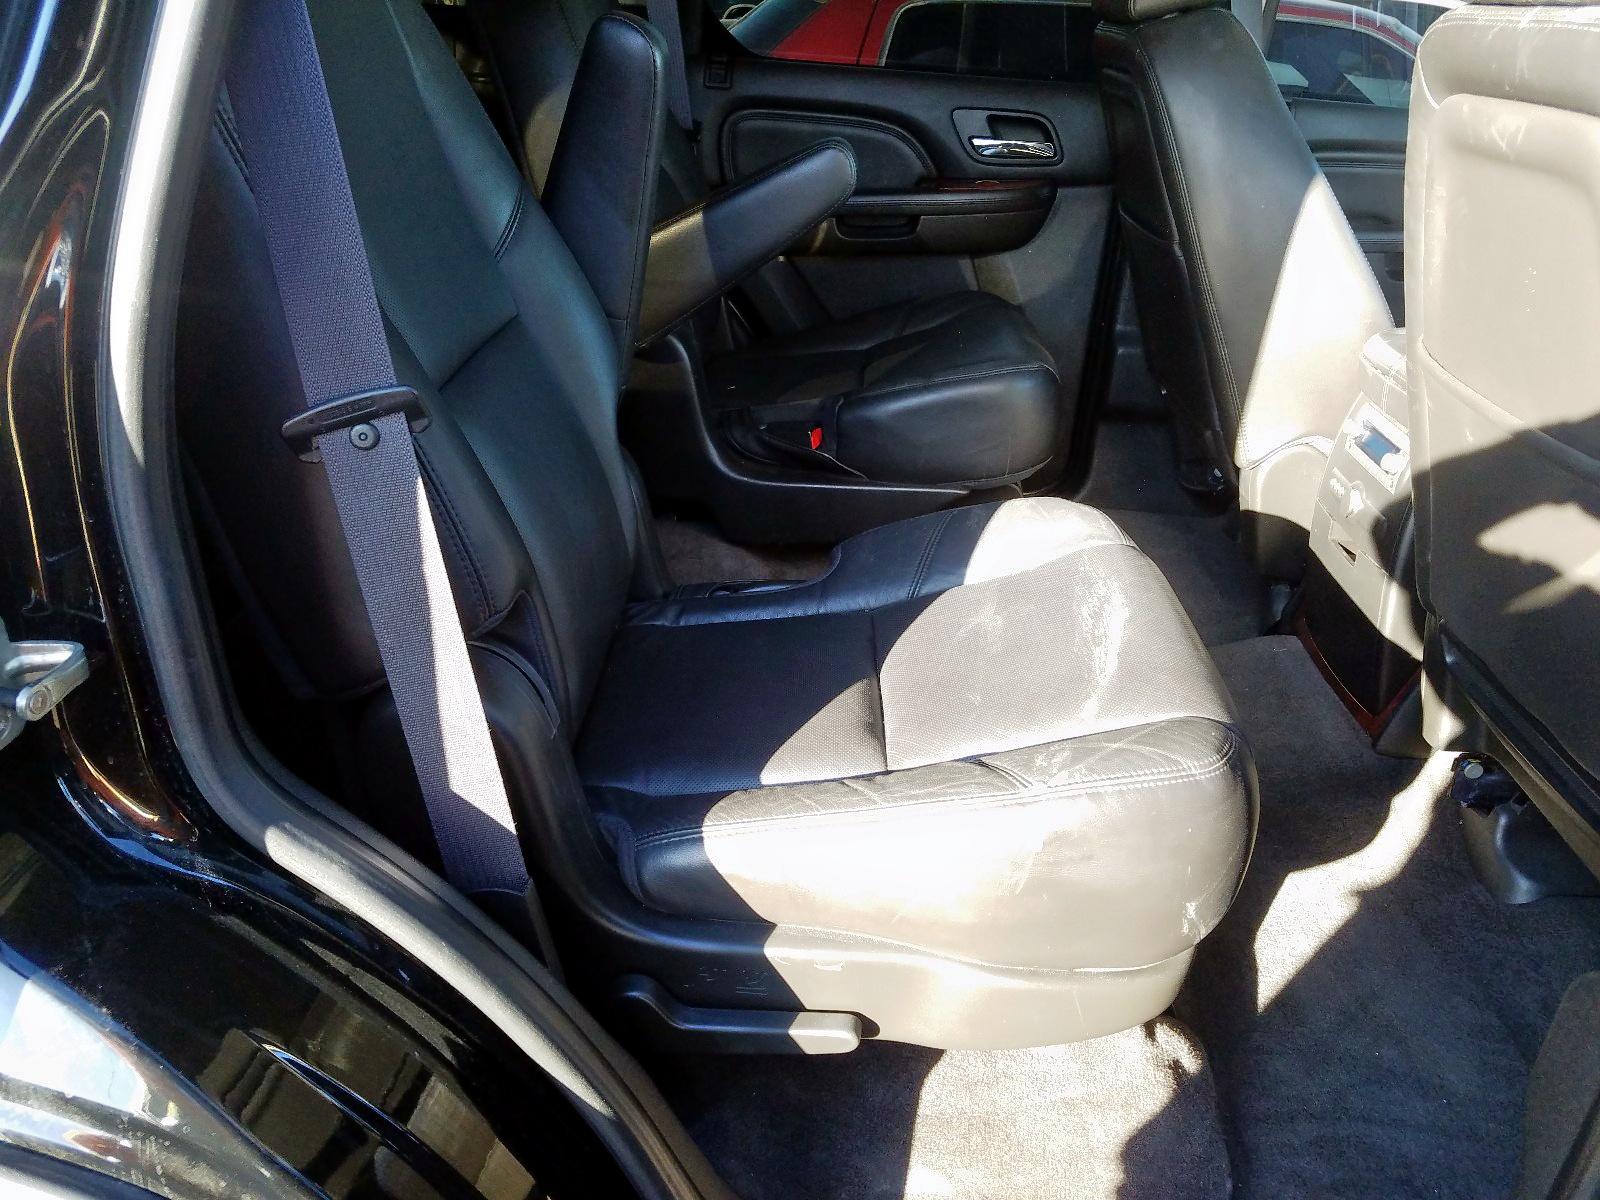 1GYS4AEF0BR132555 - 2011 Cadillac Escalade 6.2L detail view